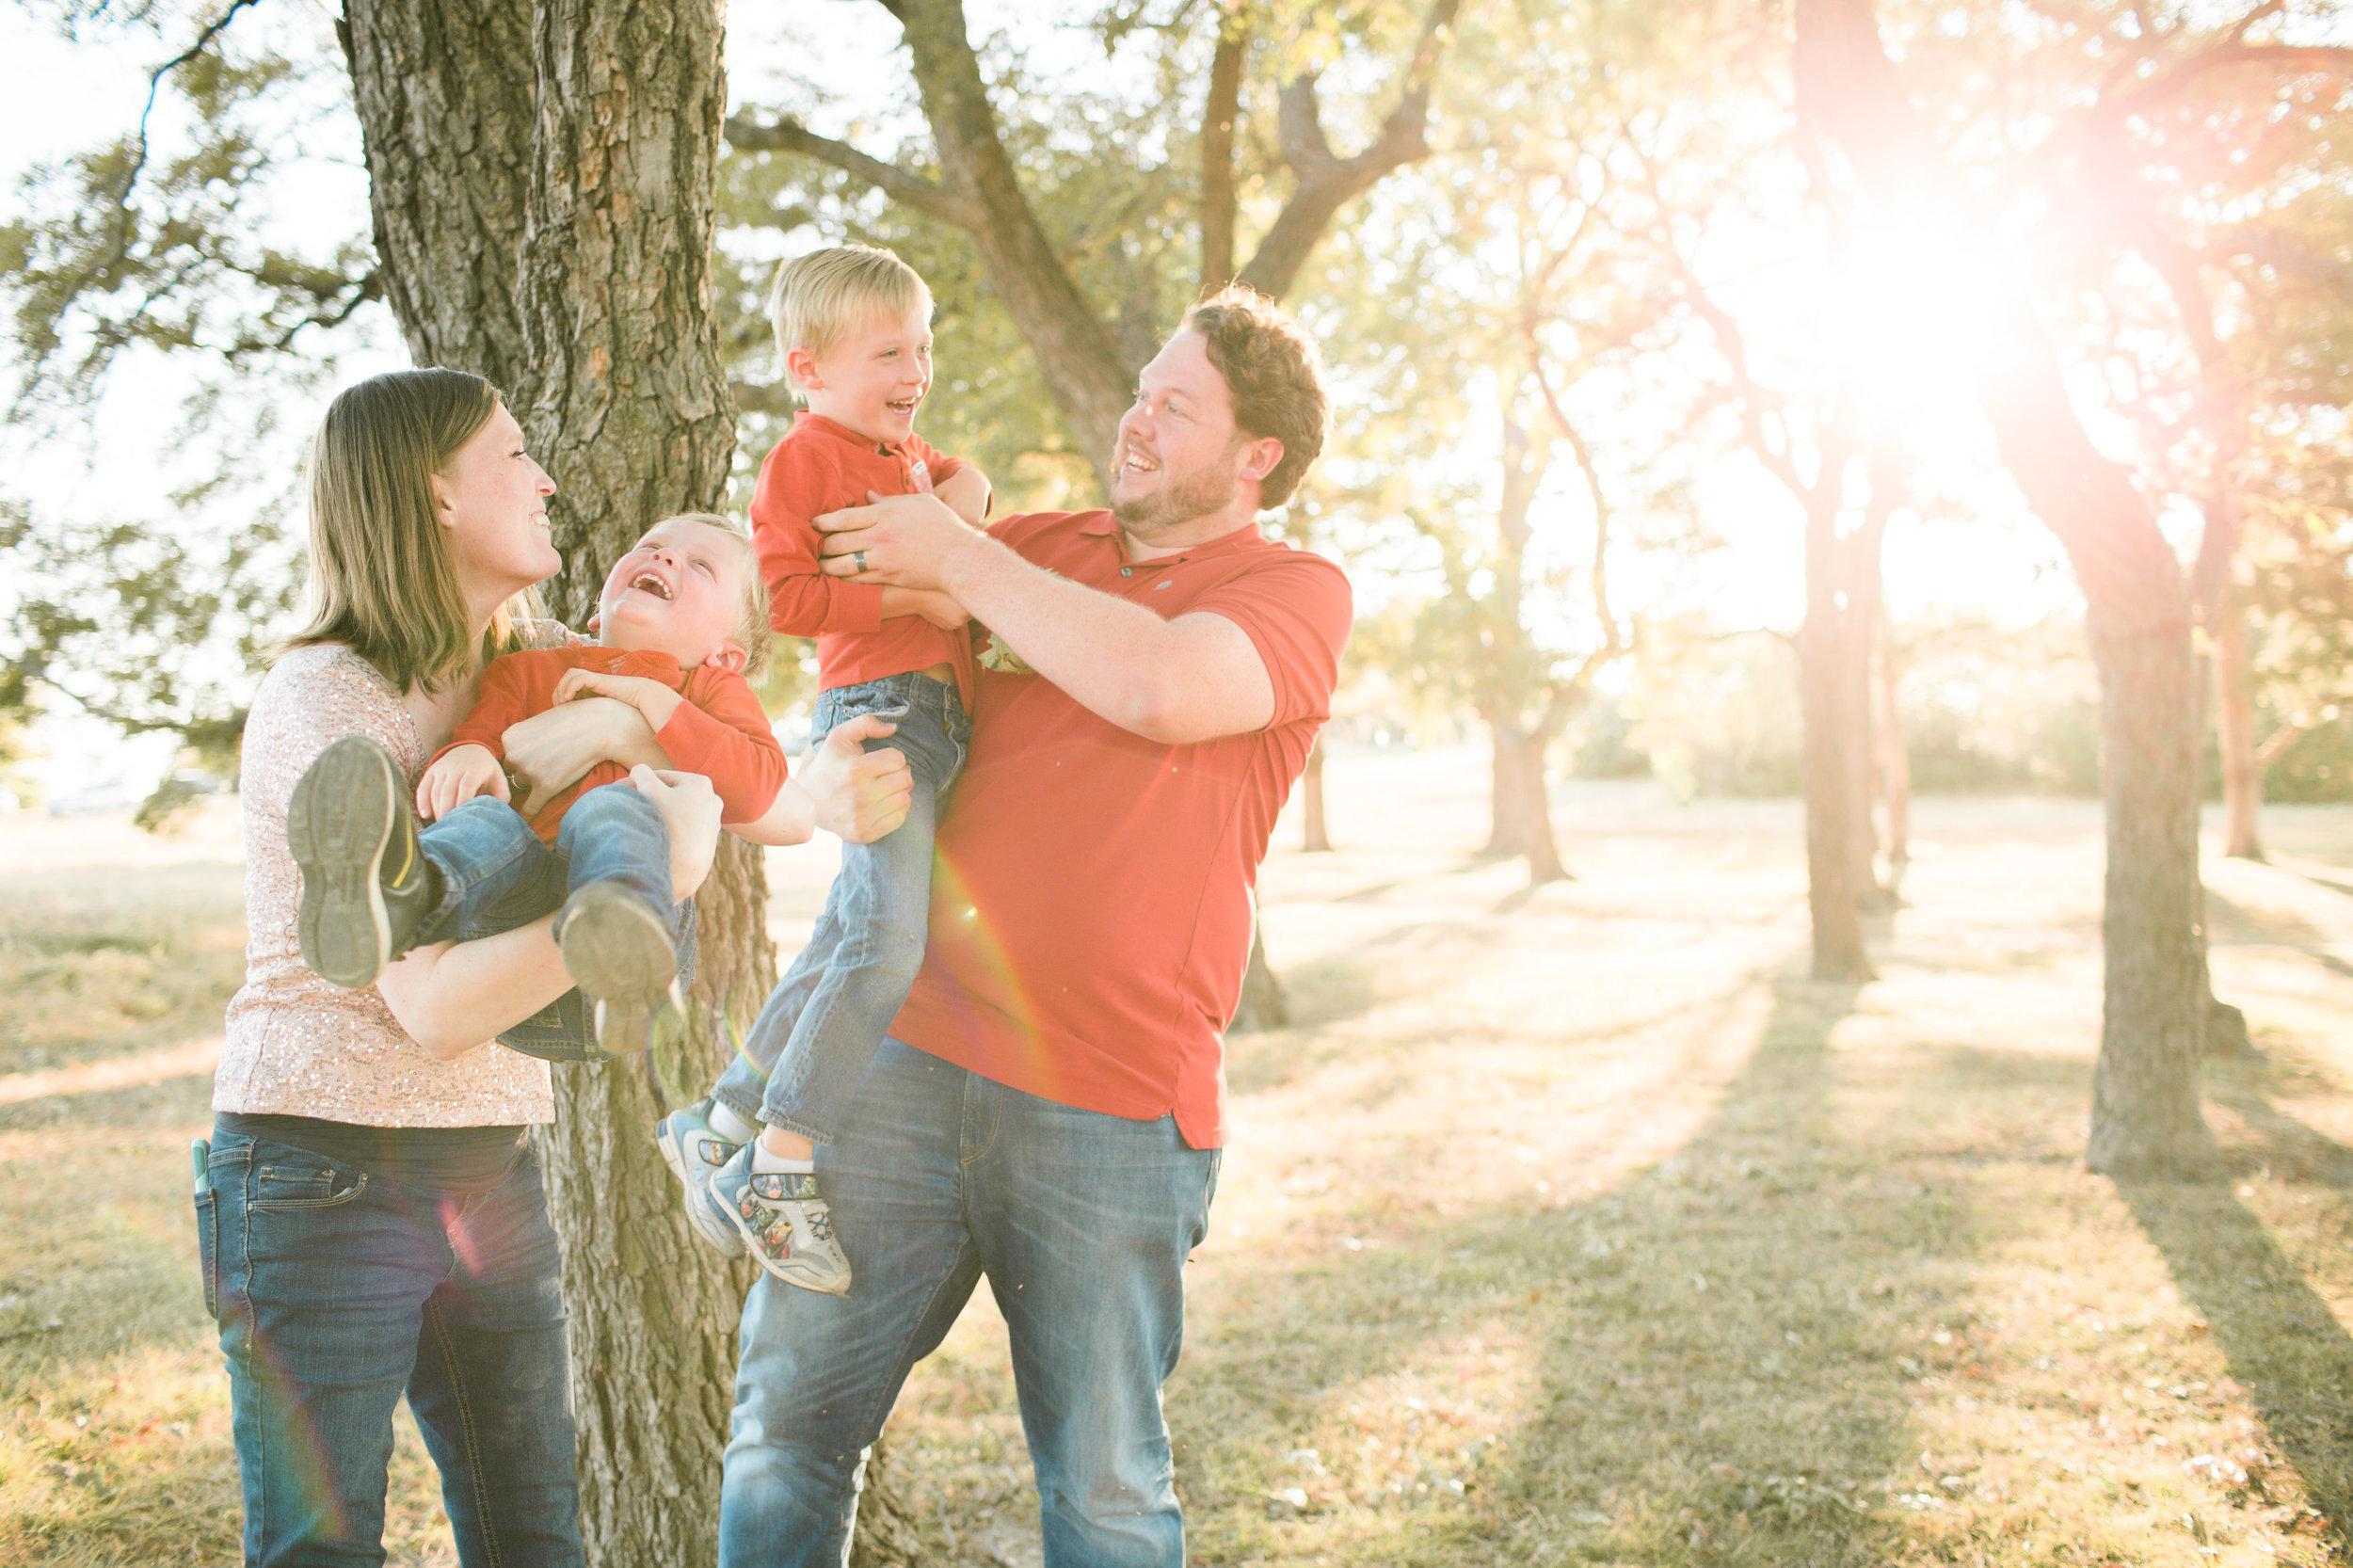 AEphoto_Smith-Family-3